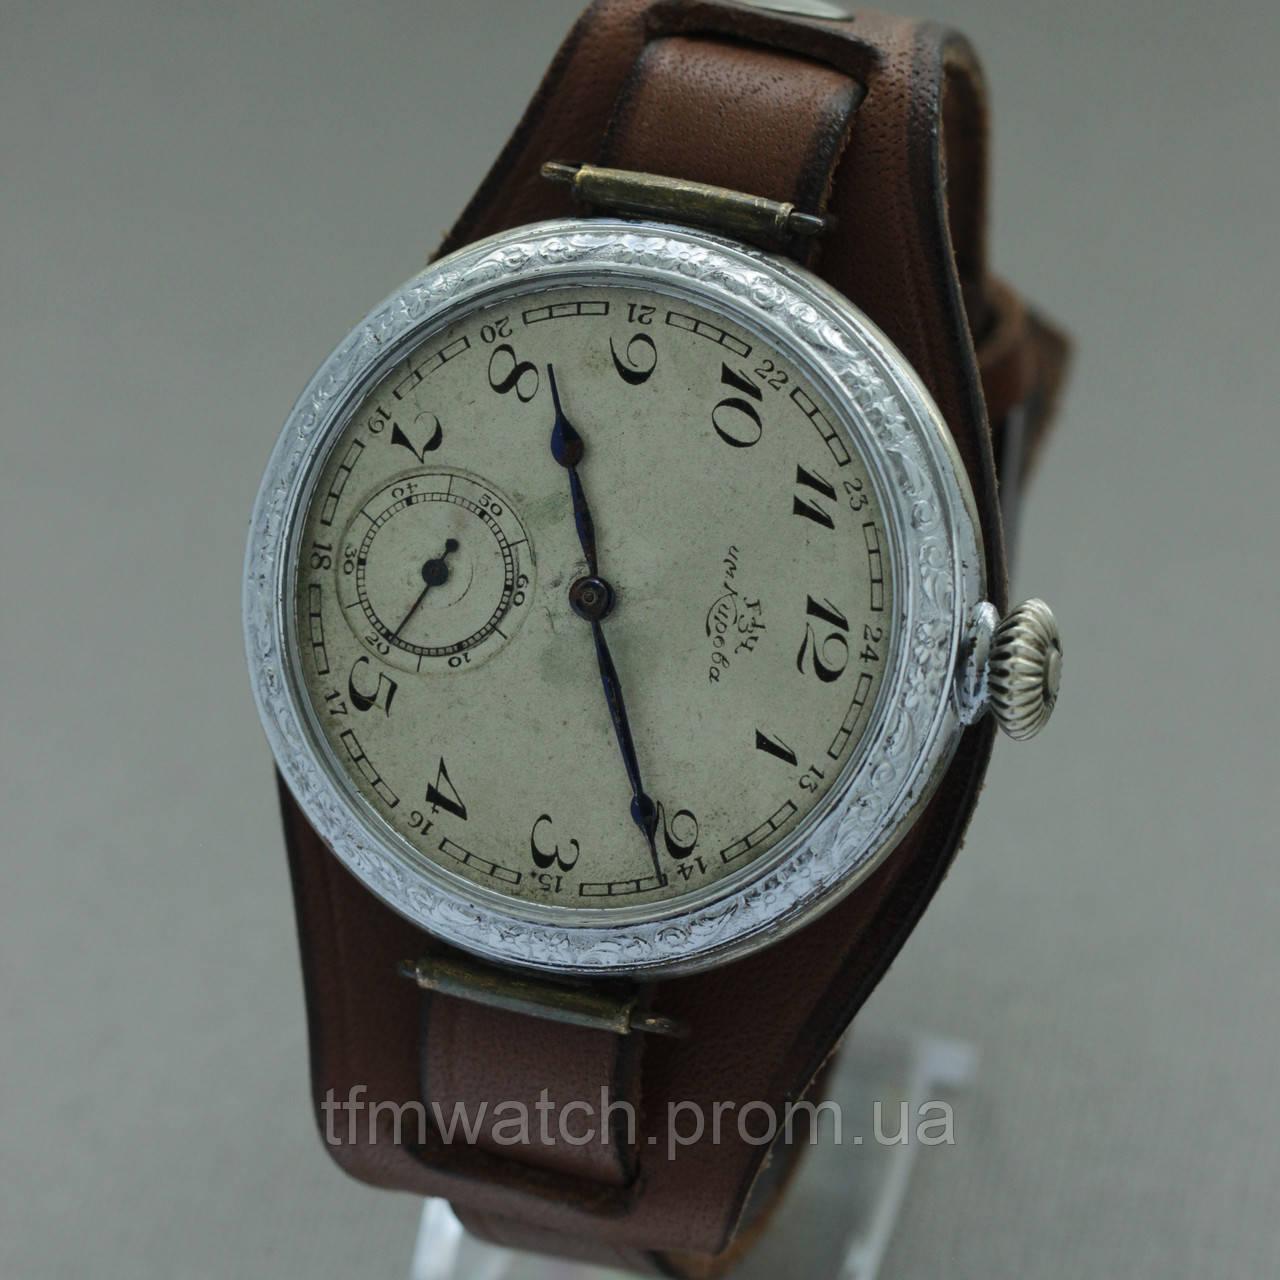 Продать ссср хочу часы в час уборщицы стоимость